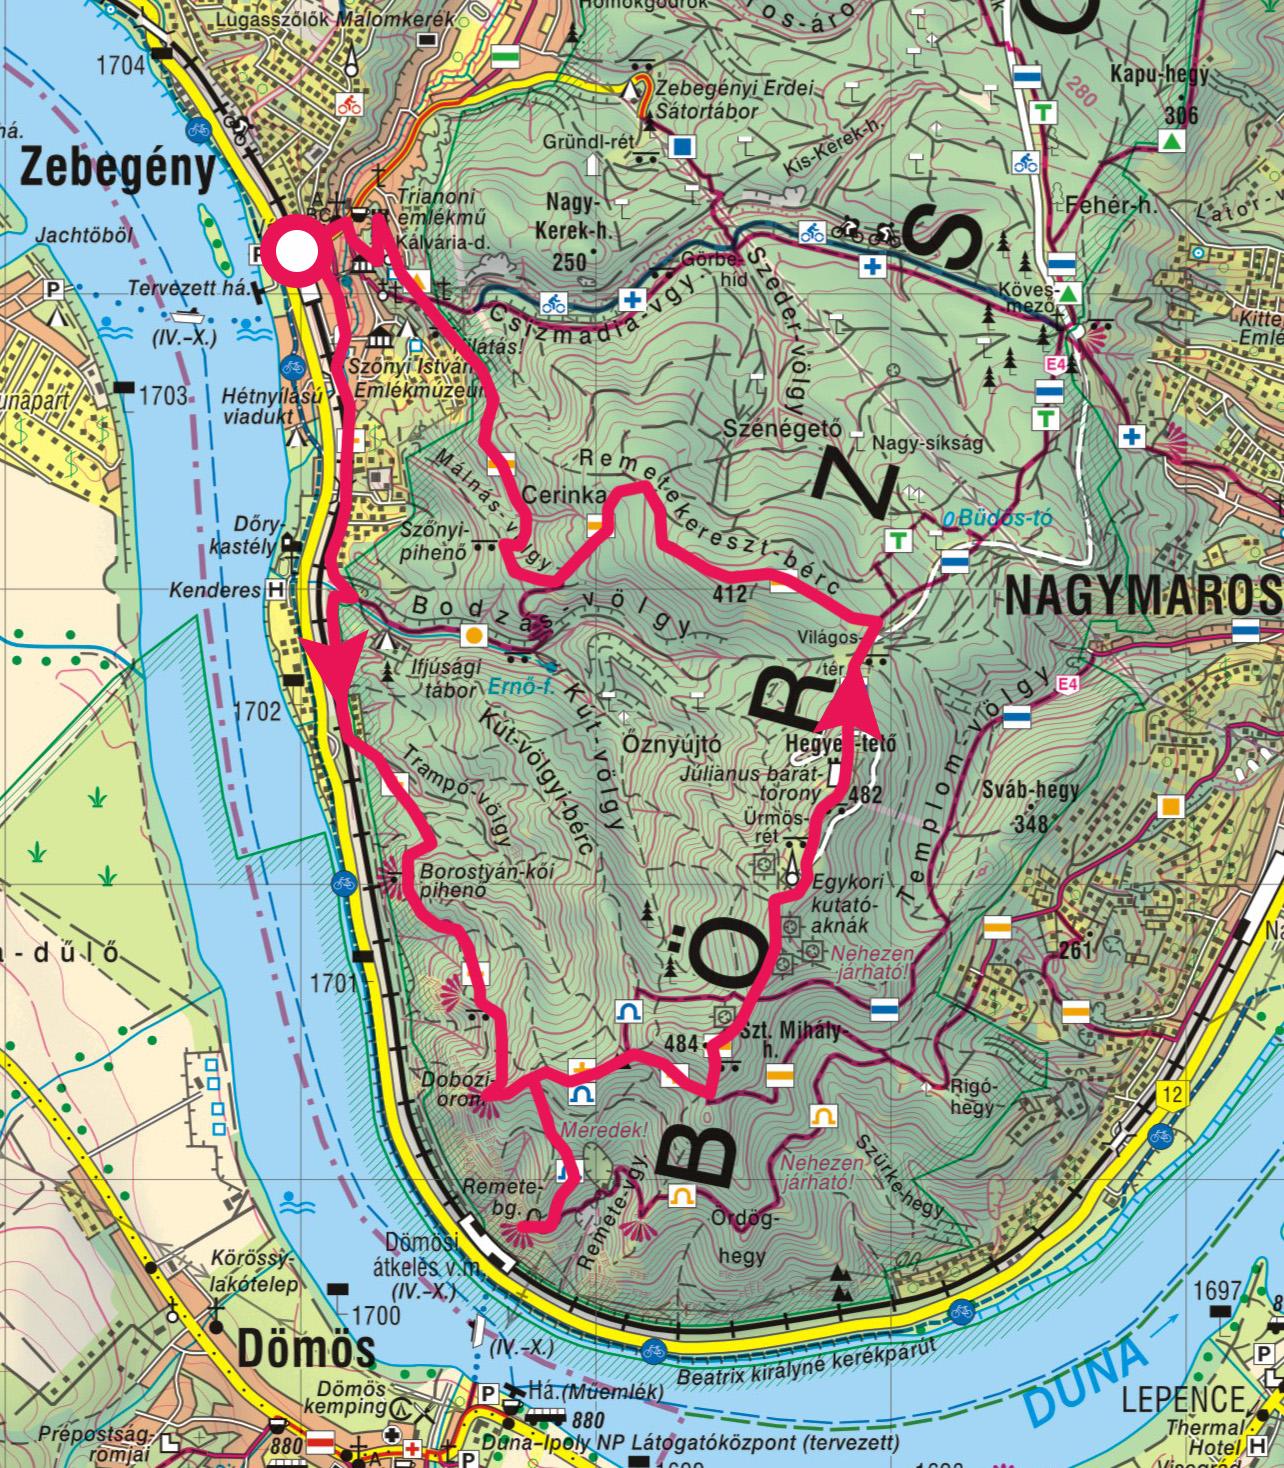 zebegény térkép Zebegény, Remete barlang, Hegyes tető » KirándulásTippek zebegény térkép